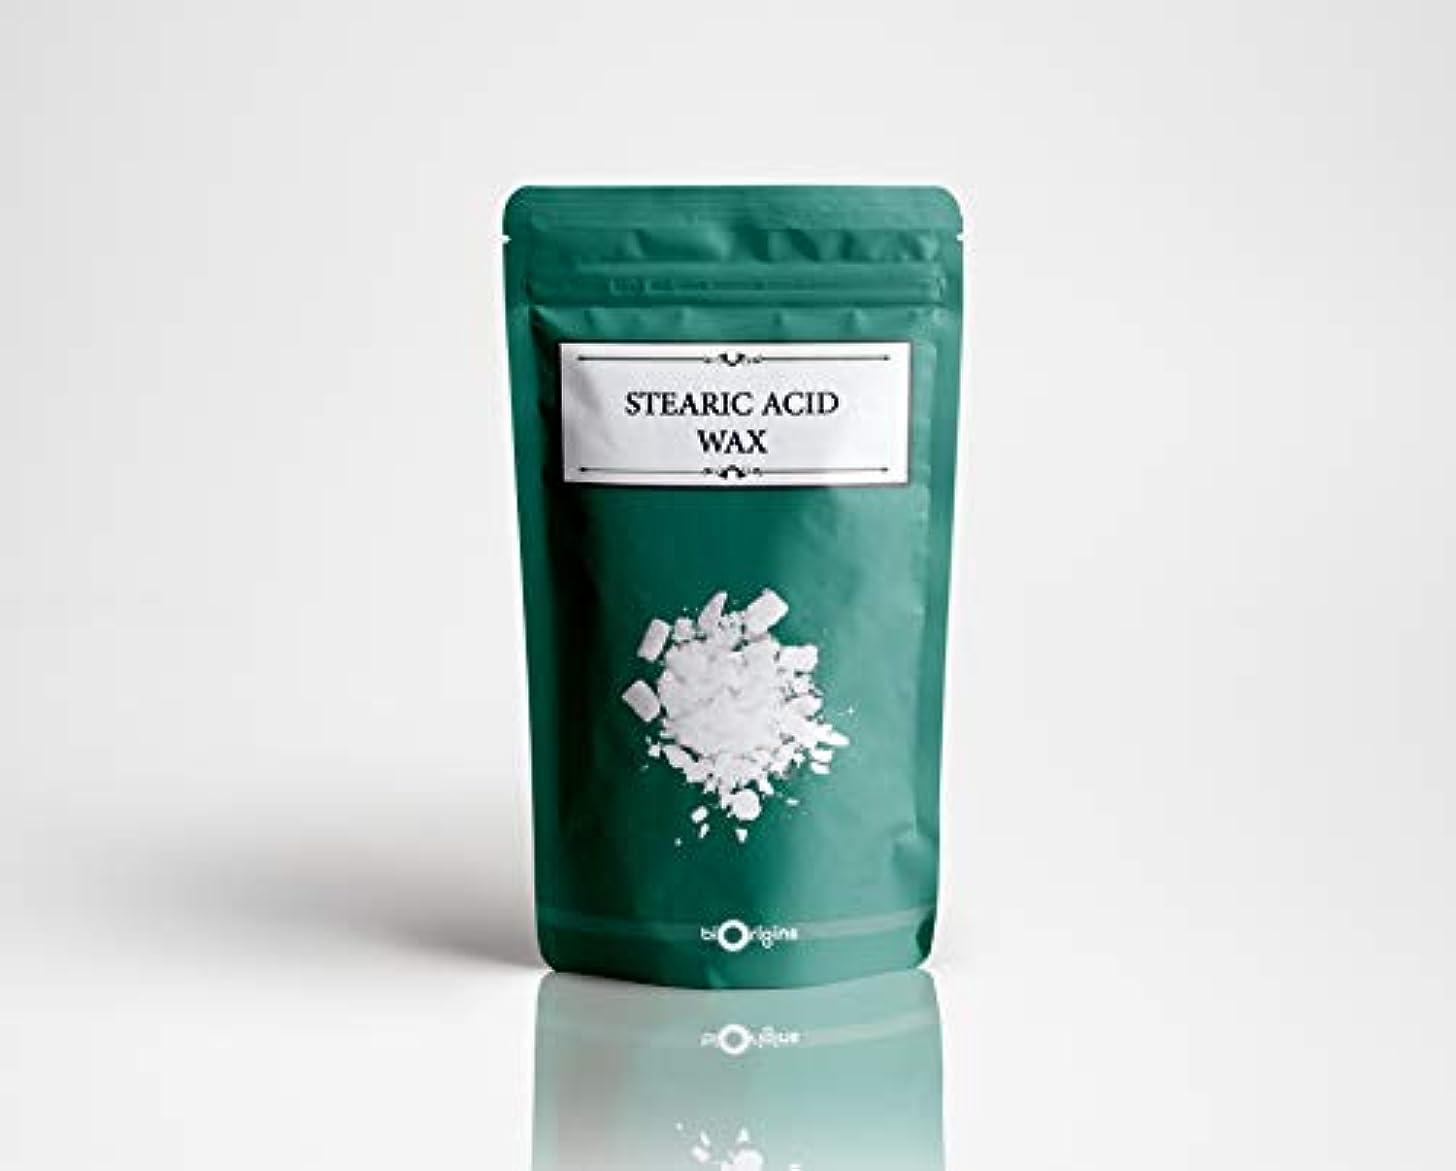 受信機平らにする邪魔Stearic Acid Wax 100g